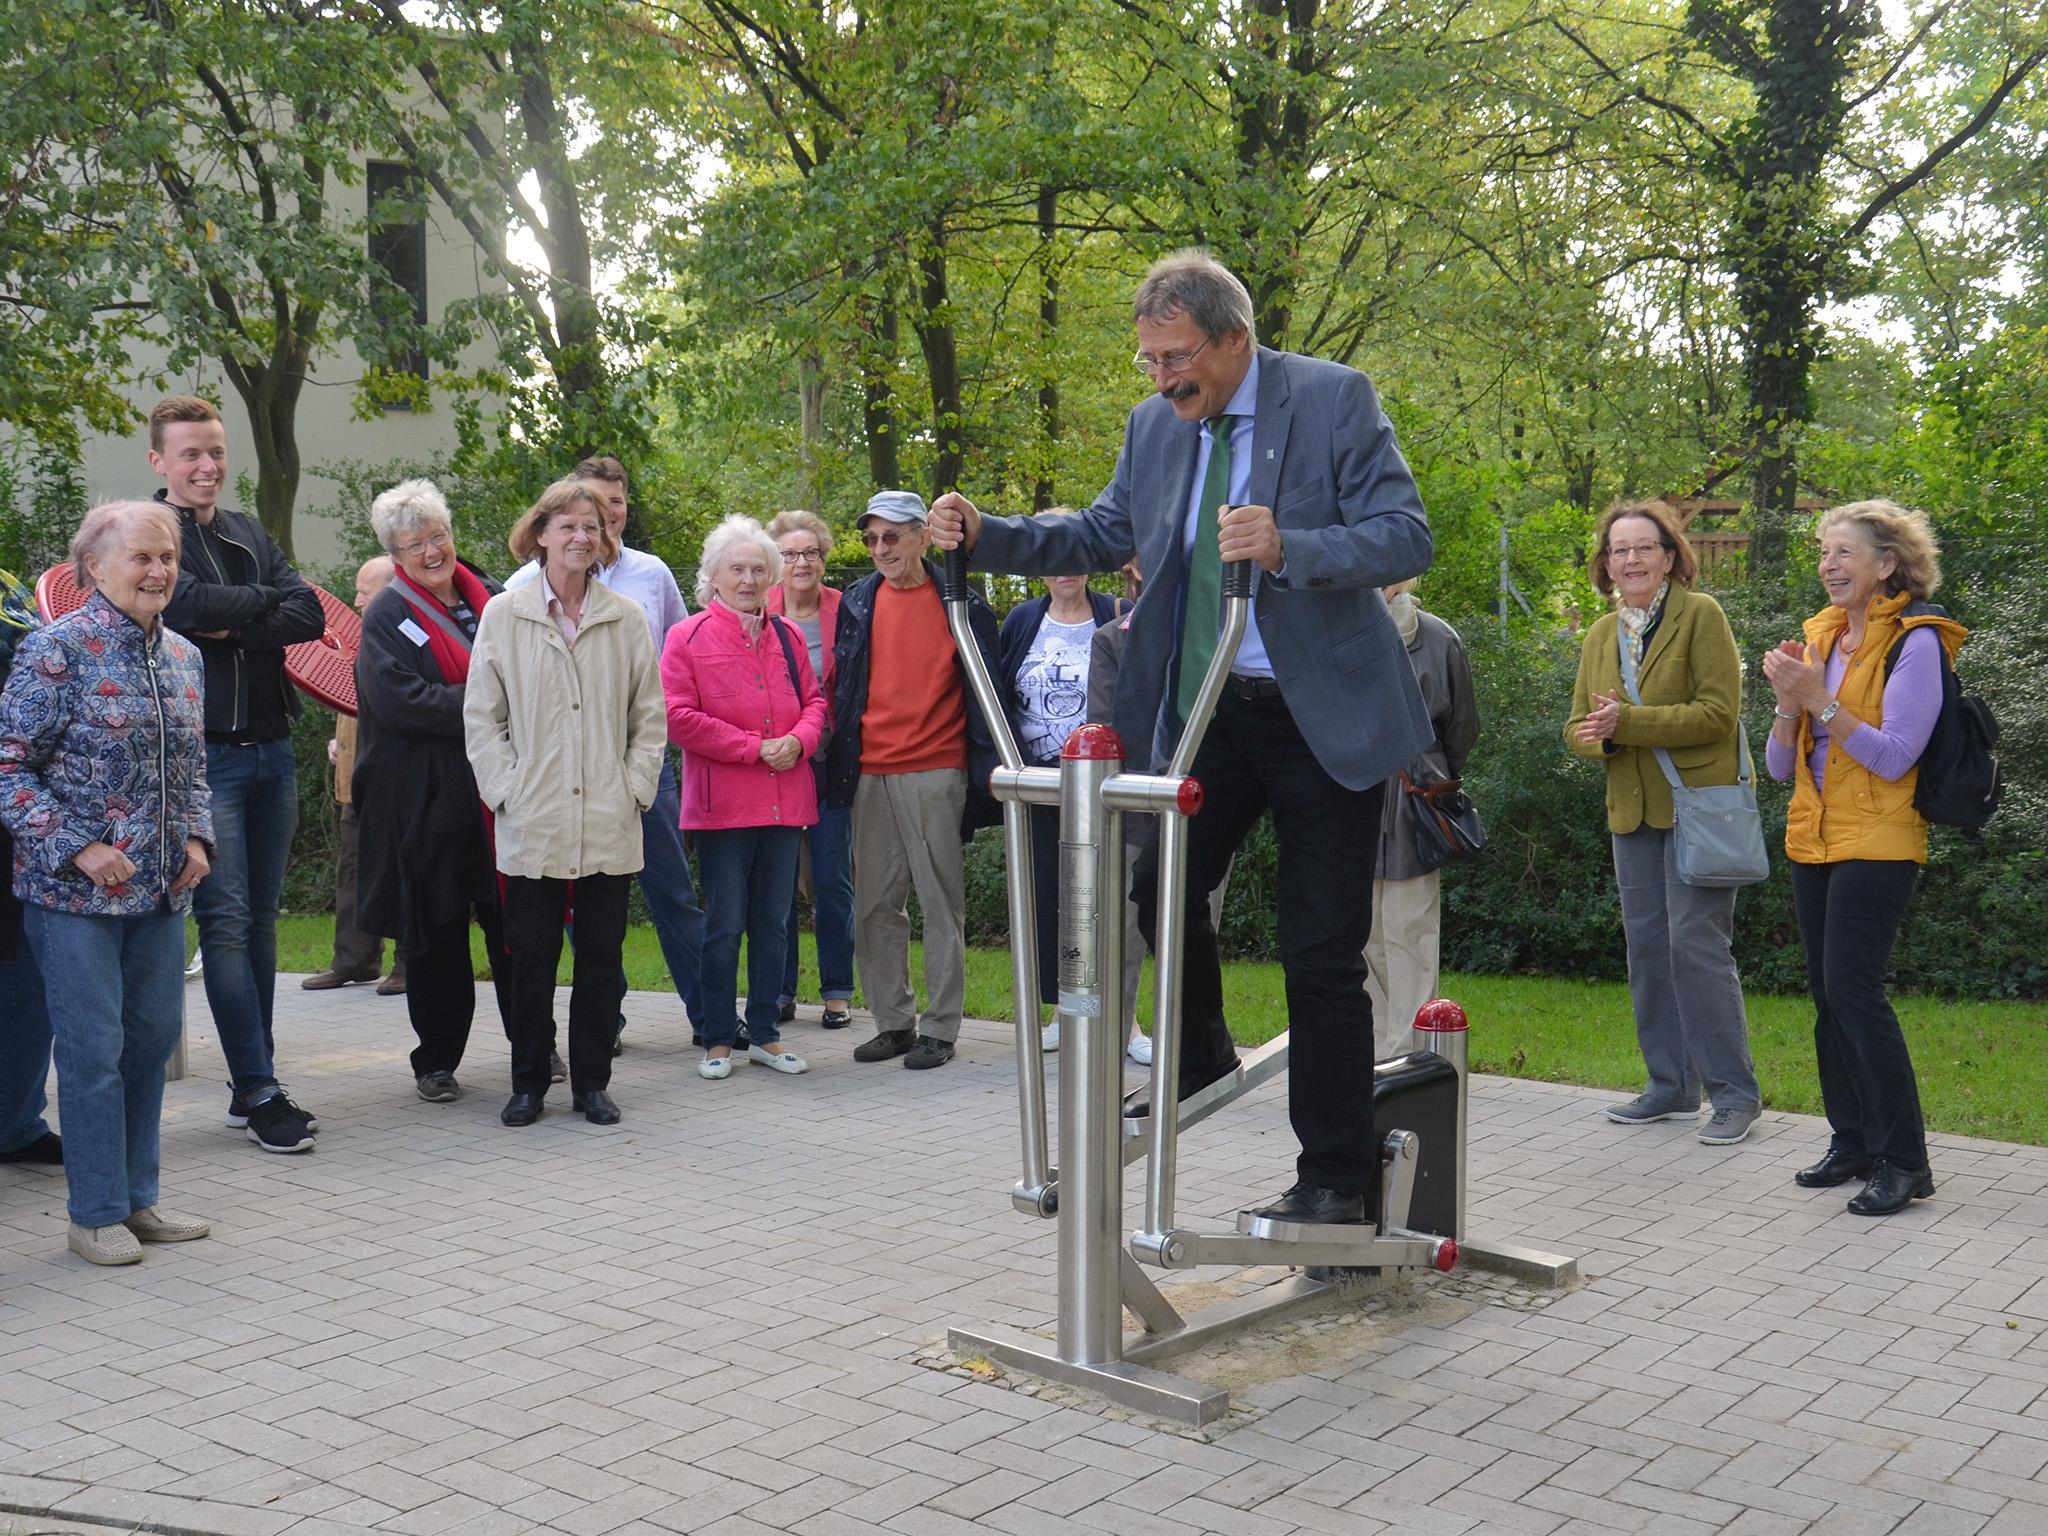 Bezirksbürgermeister Harry Grunenberg testet eines der Geräte